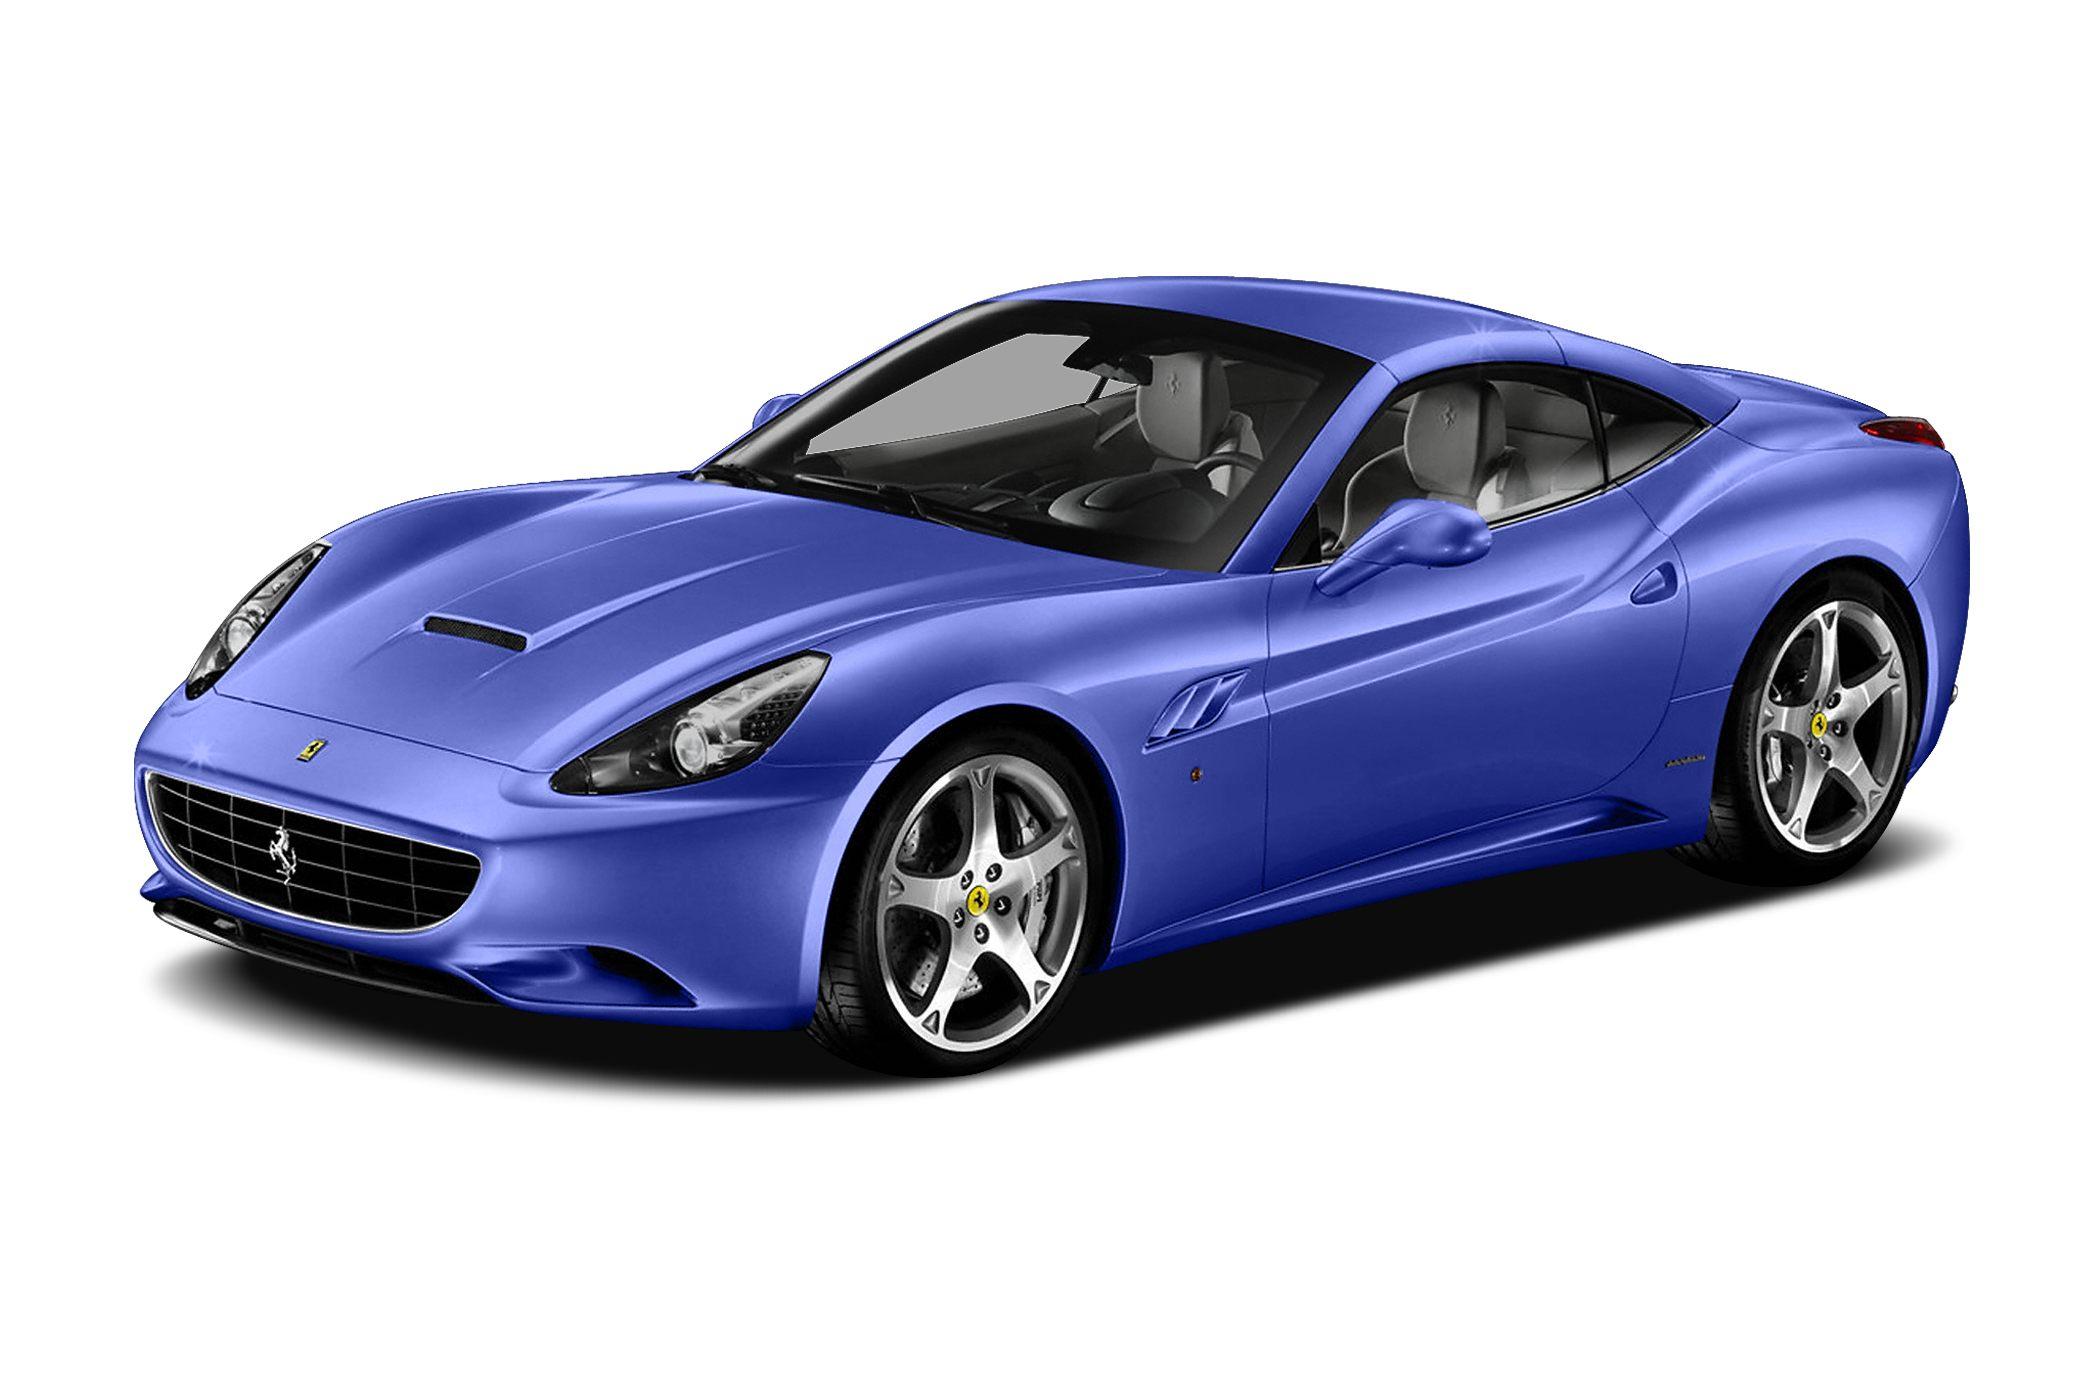 2010 Ferrari California Specs And Prices